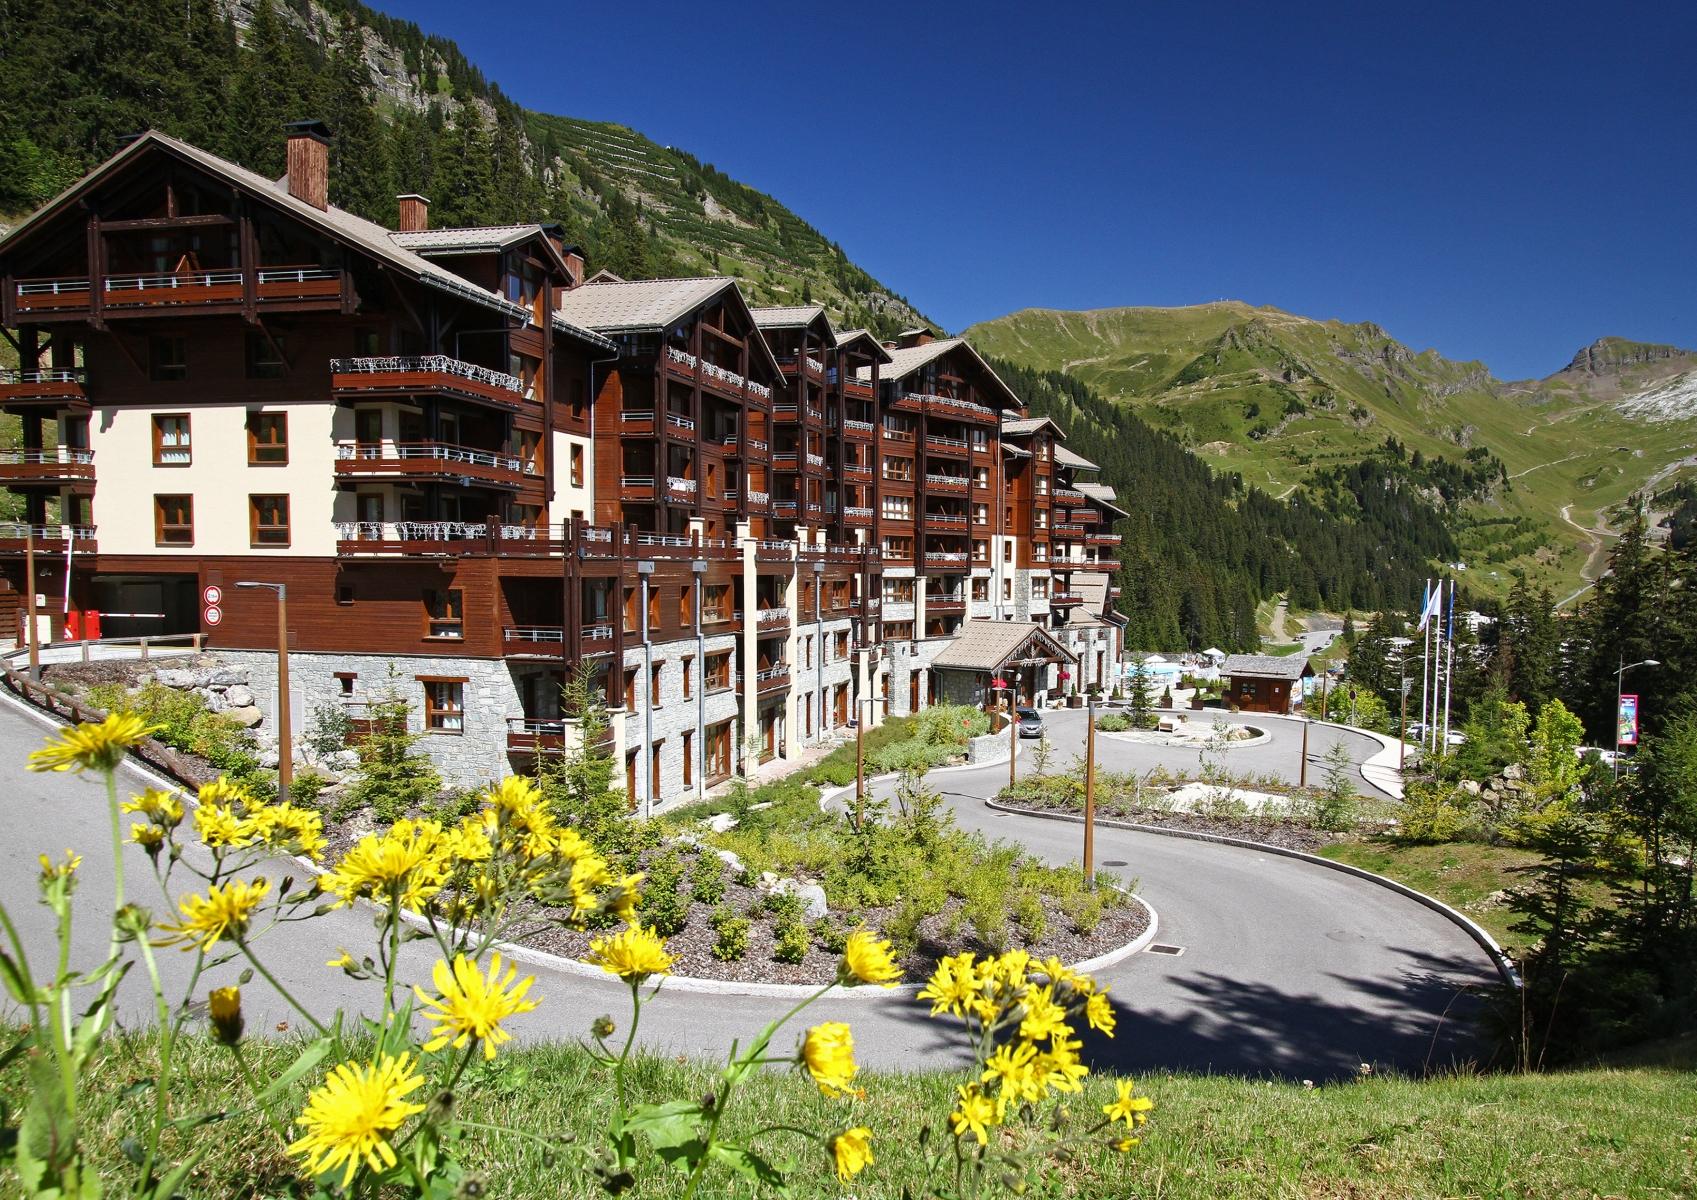 Aanbieding bungalow Savoie 🏕️Pierre & Vacances Premium Résidence Les Terrasses d'Eos